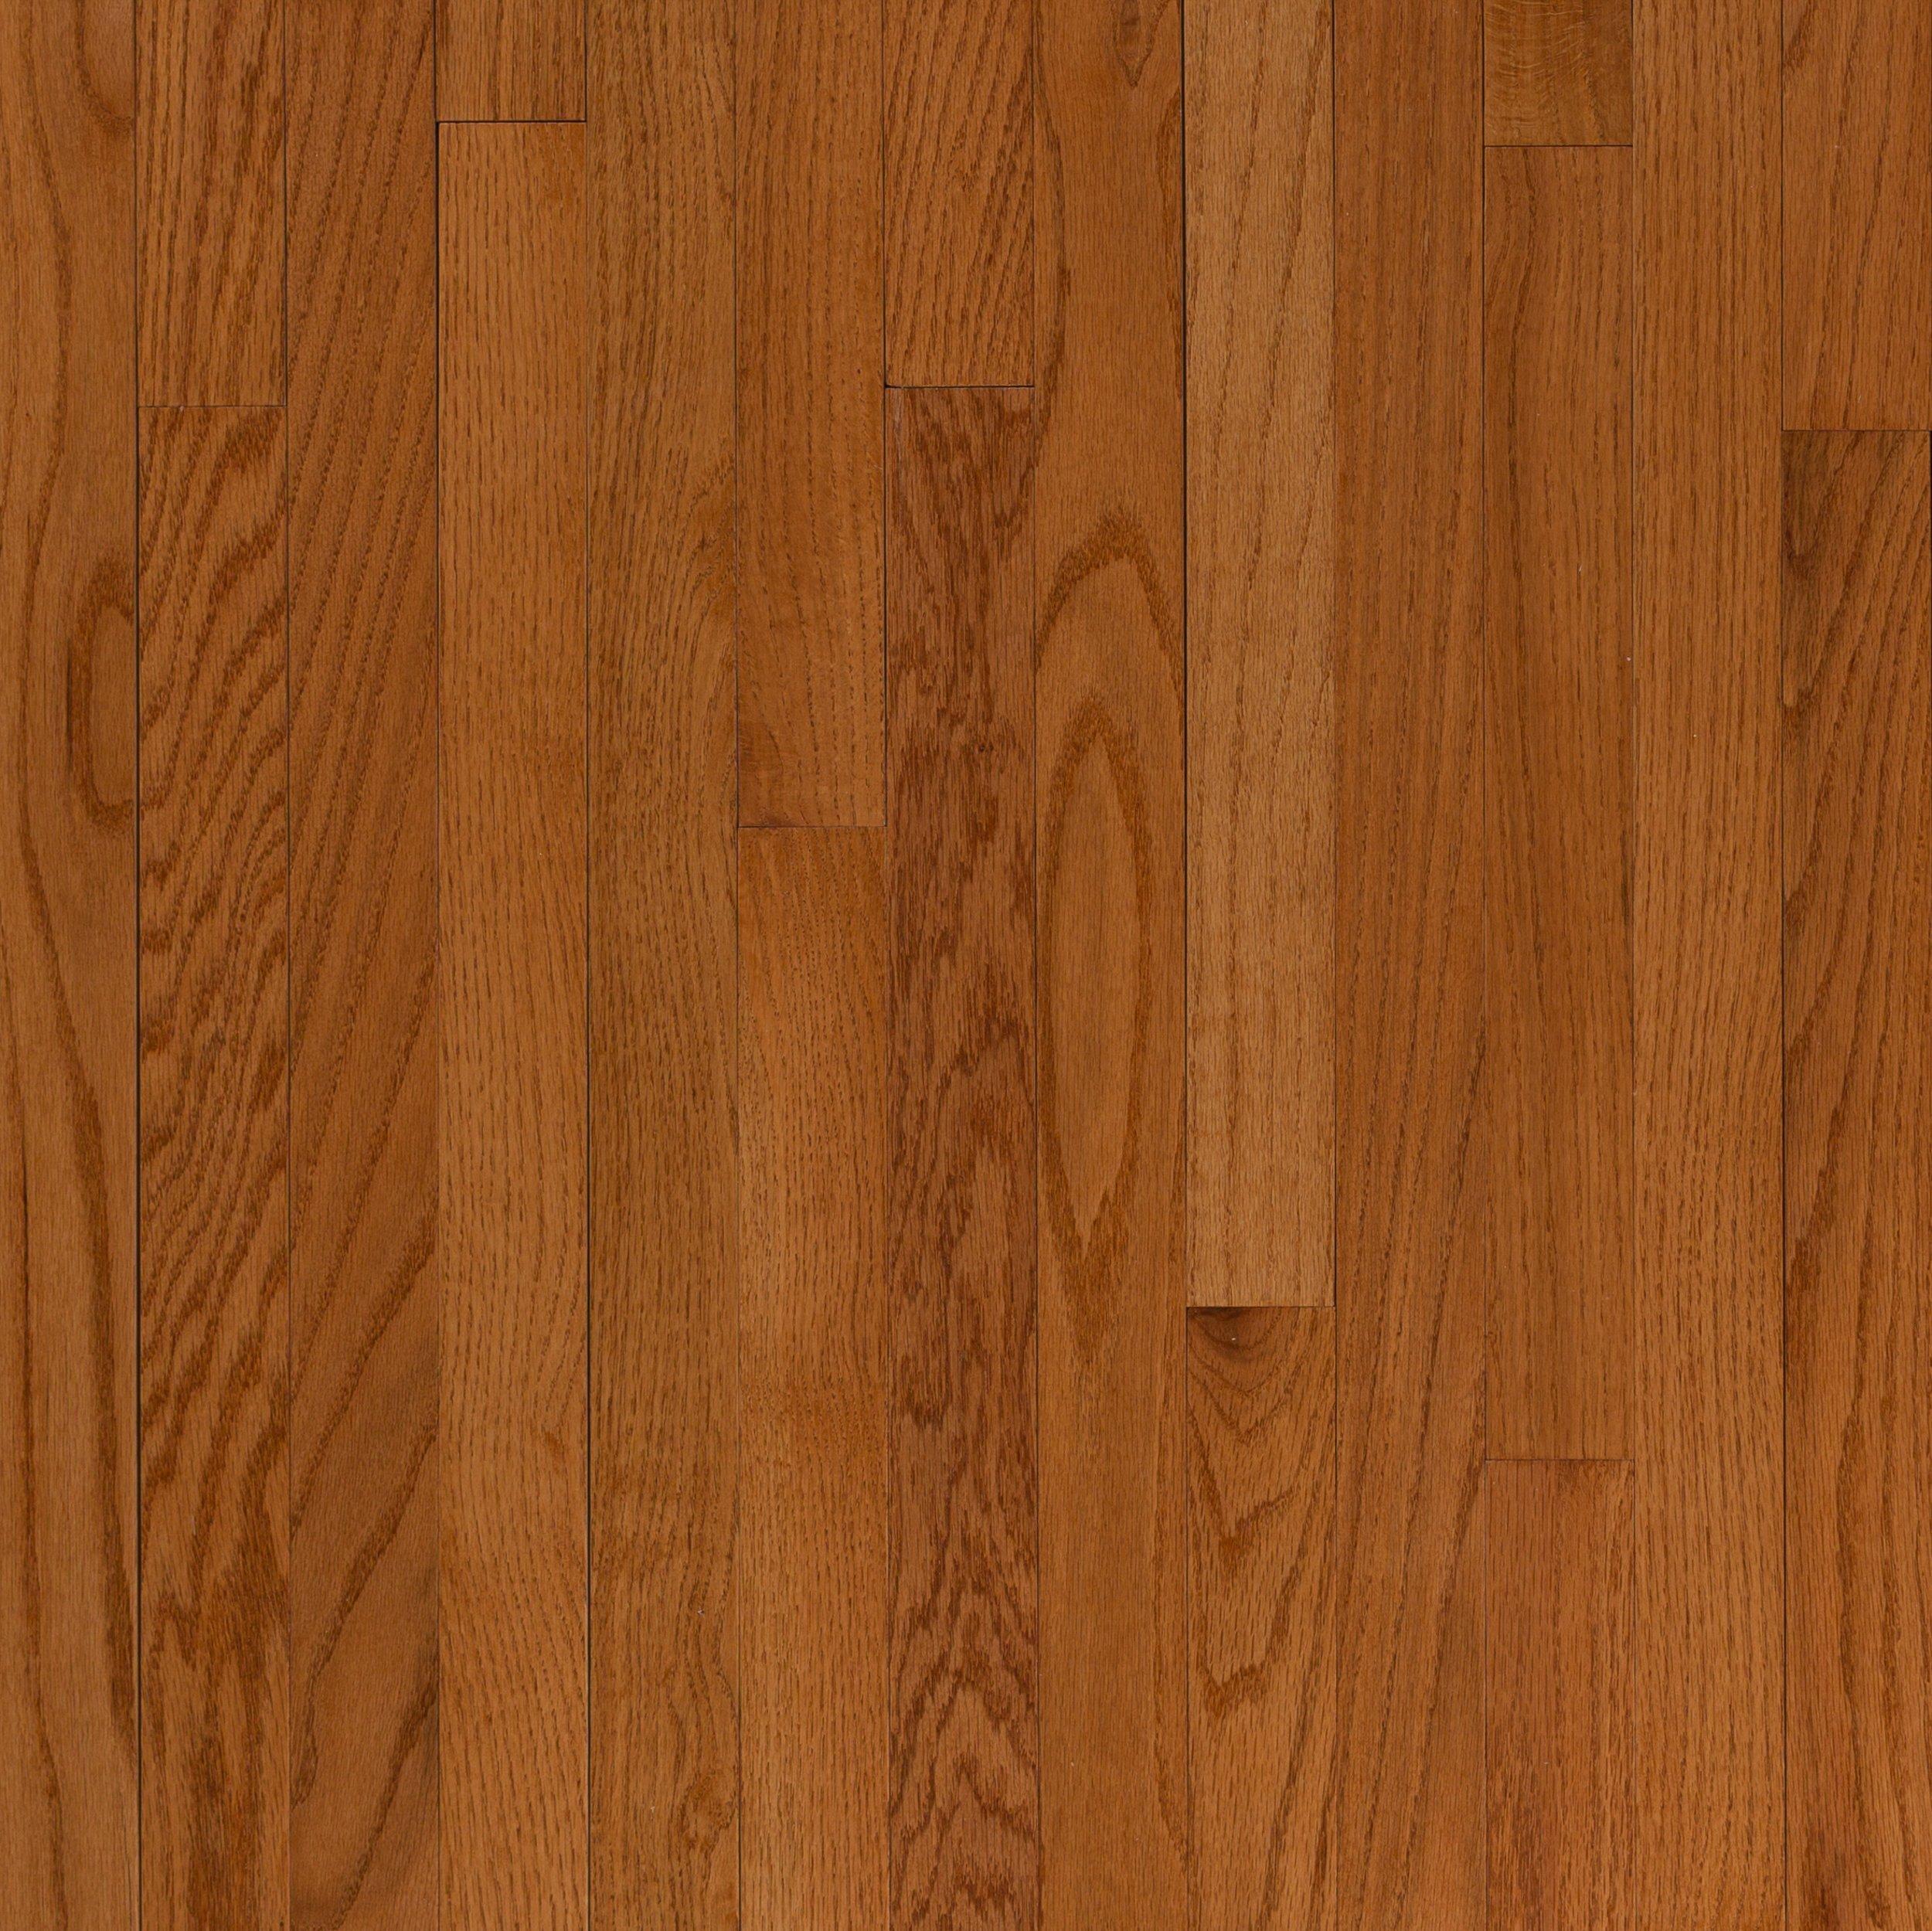 Wood Floors Wide Plank Solid Hardwood